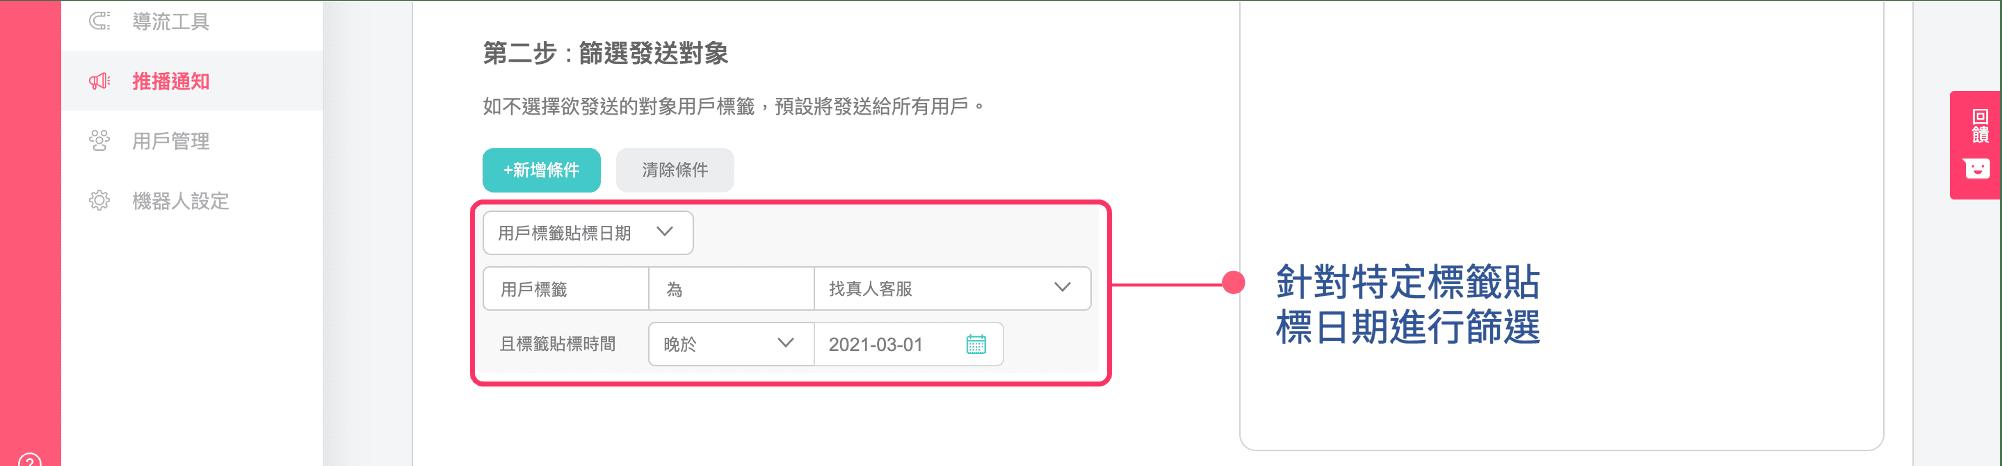 用戶標籤日期篩選